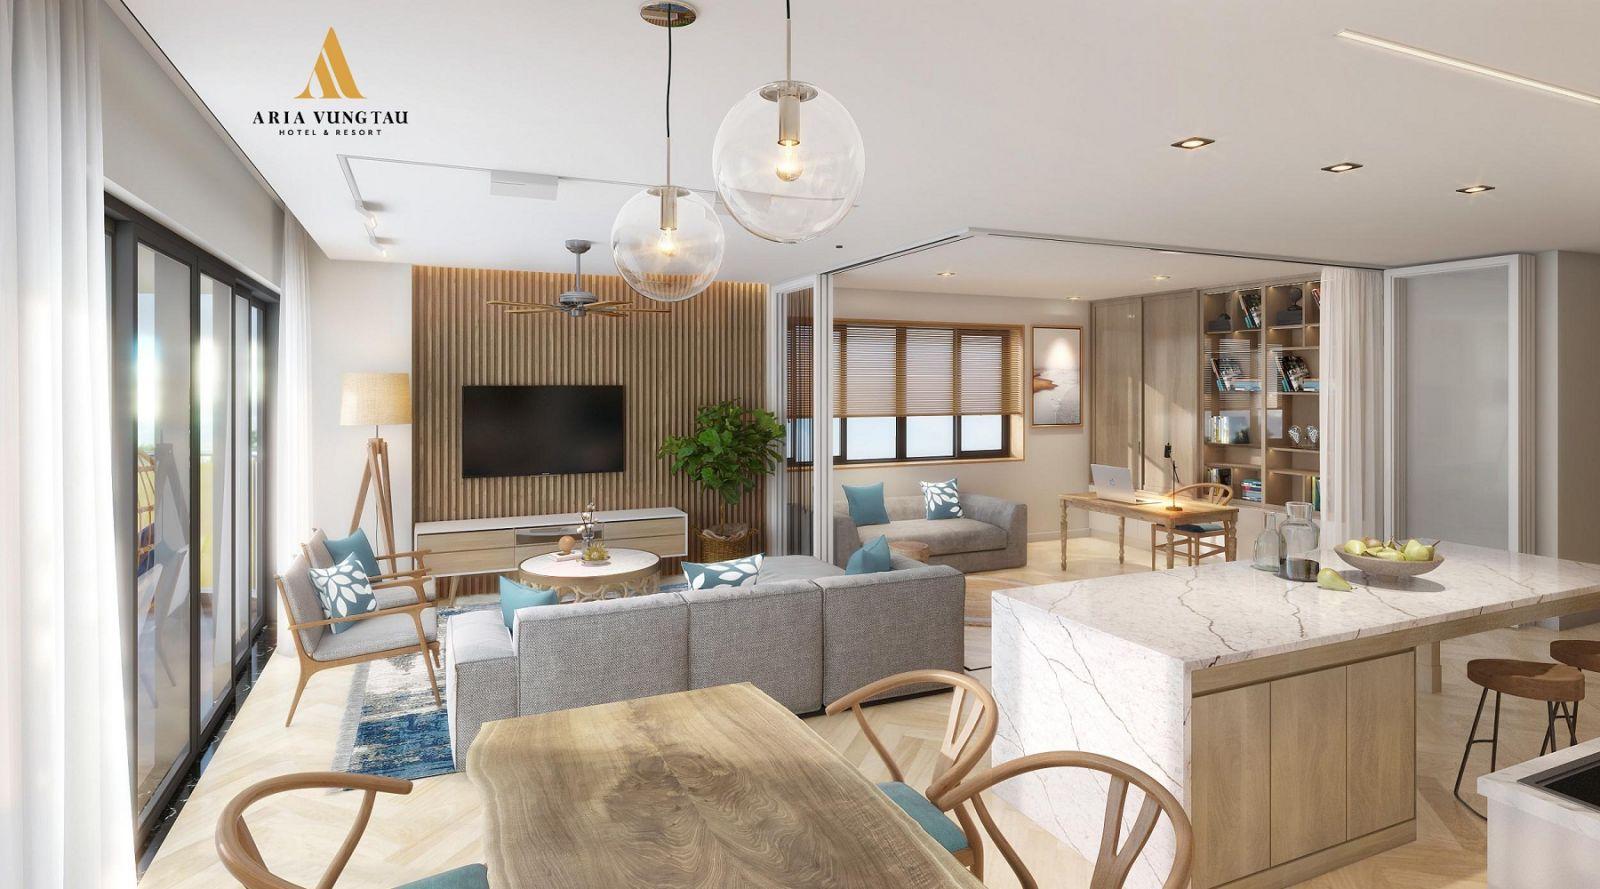 Khu Bếp dự án Aria Vũng Tàu Hotel & Resort